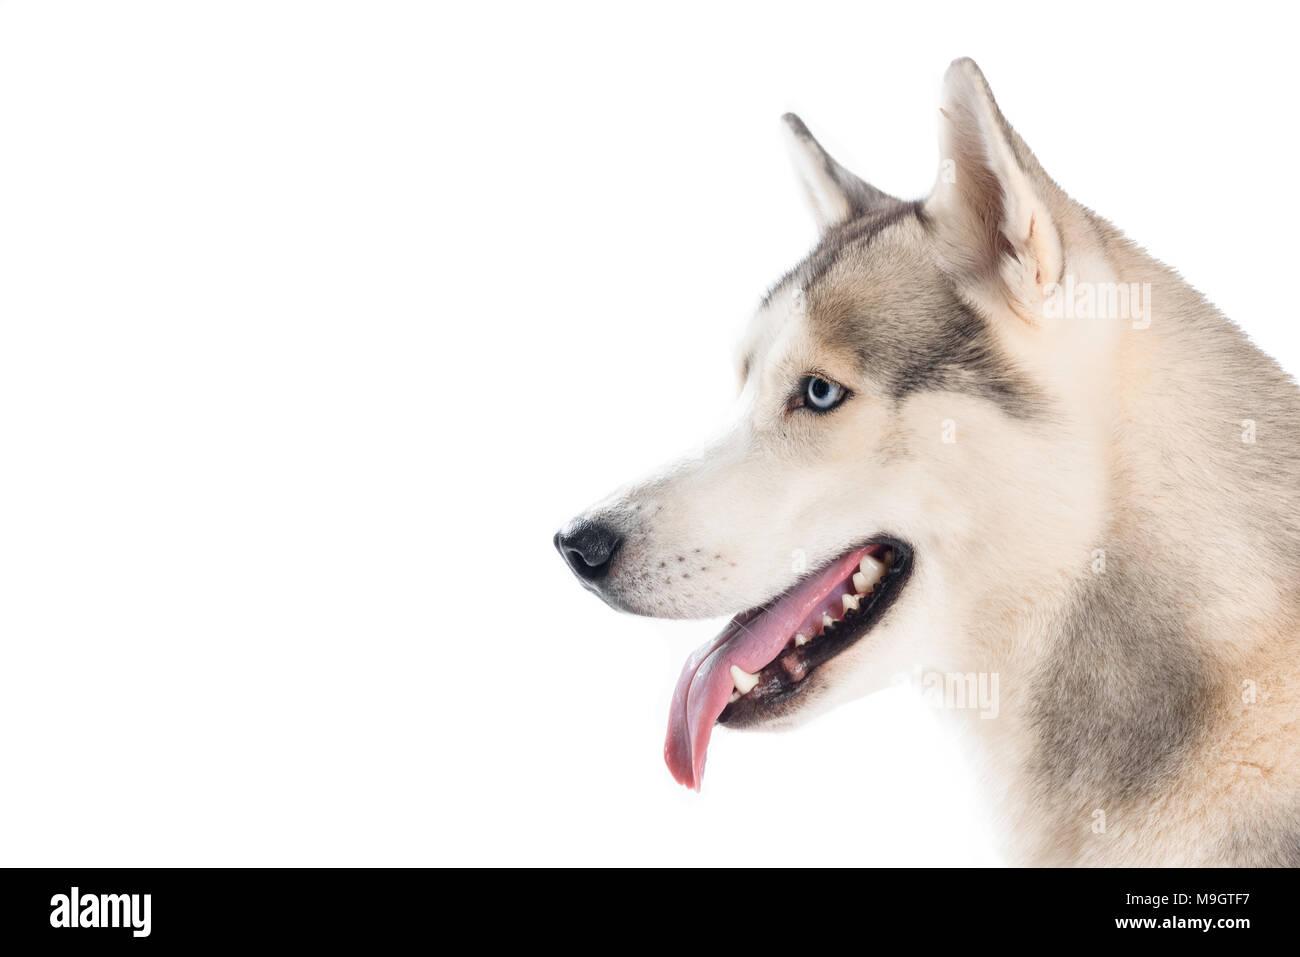 studio shot of siberian husky dog, isolated on white - Stock Image